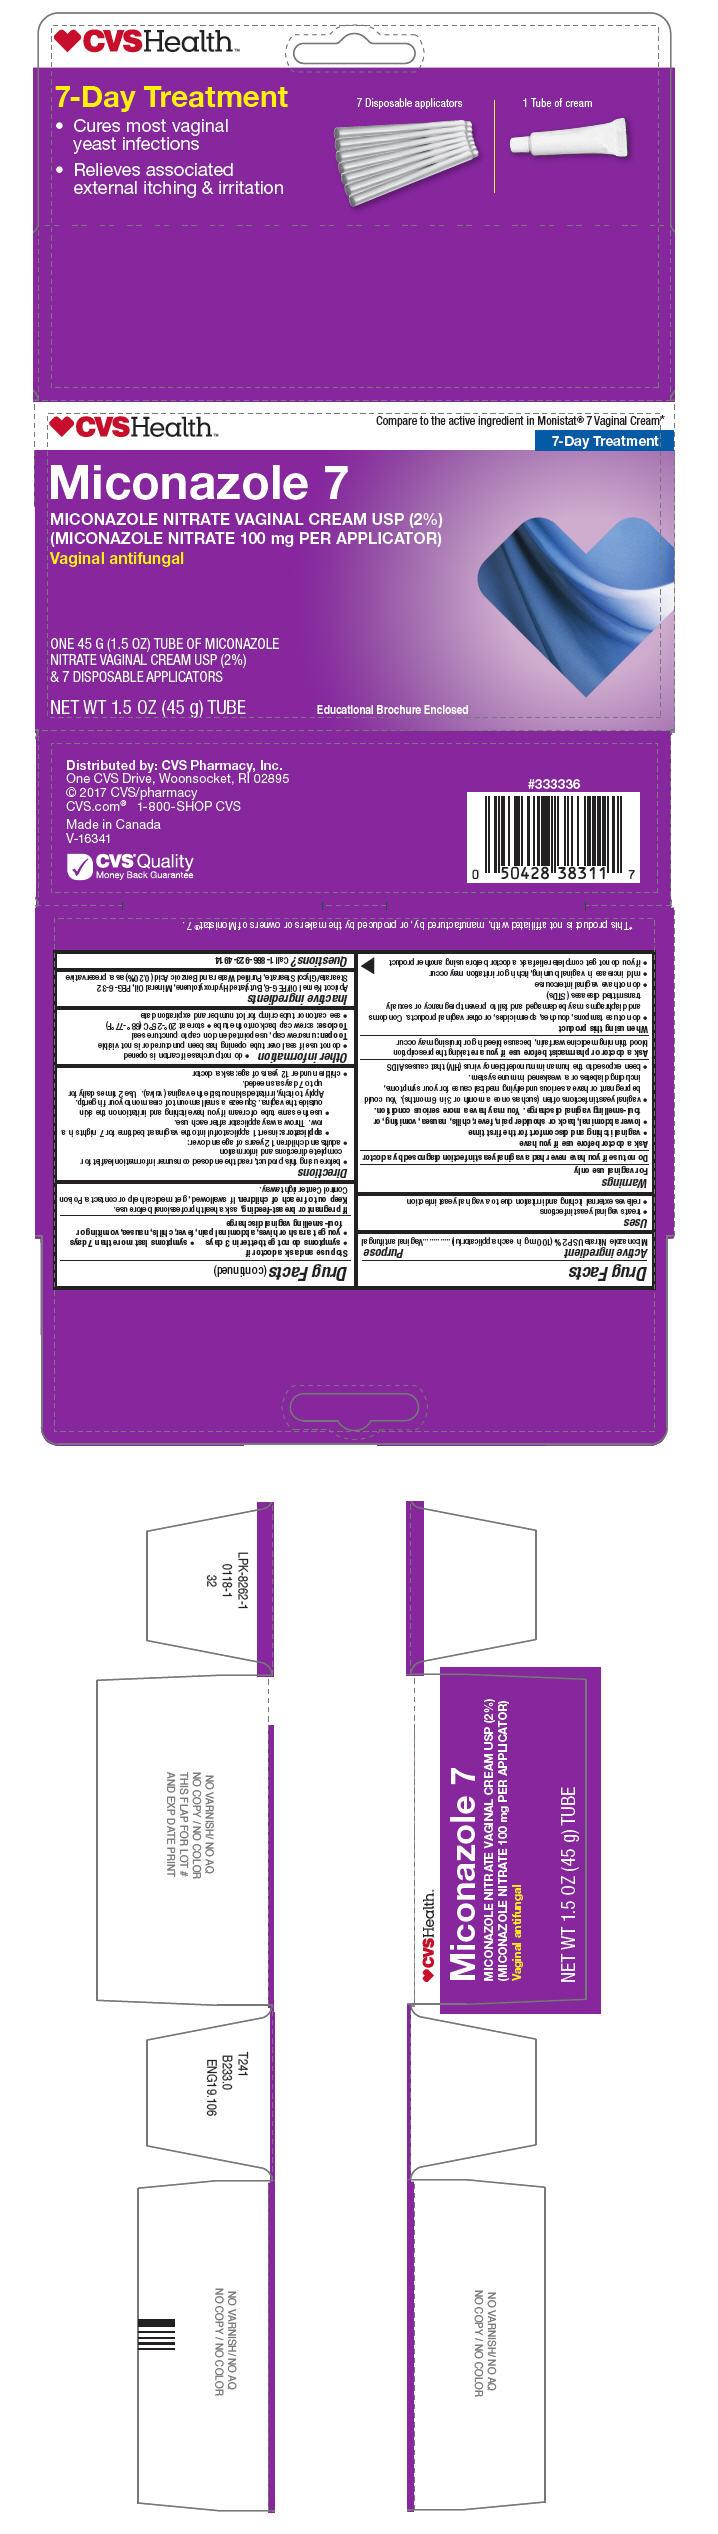 PRINCIPAL DISPLAY PANEL - 45 g Tube Carton